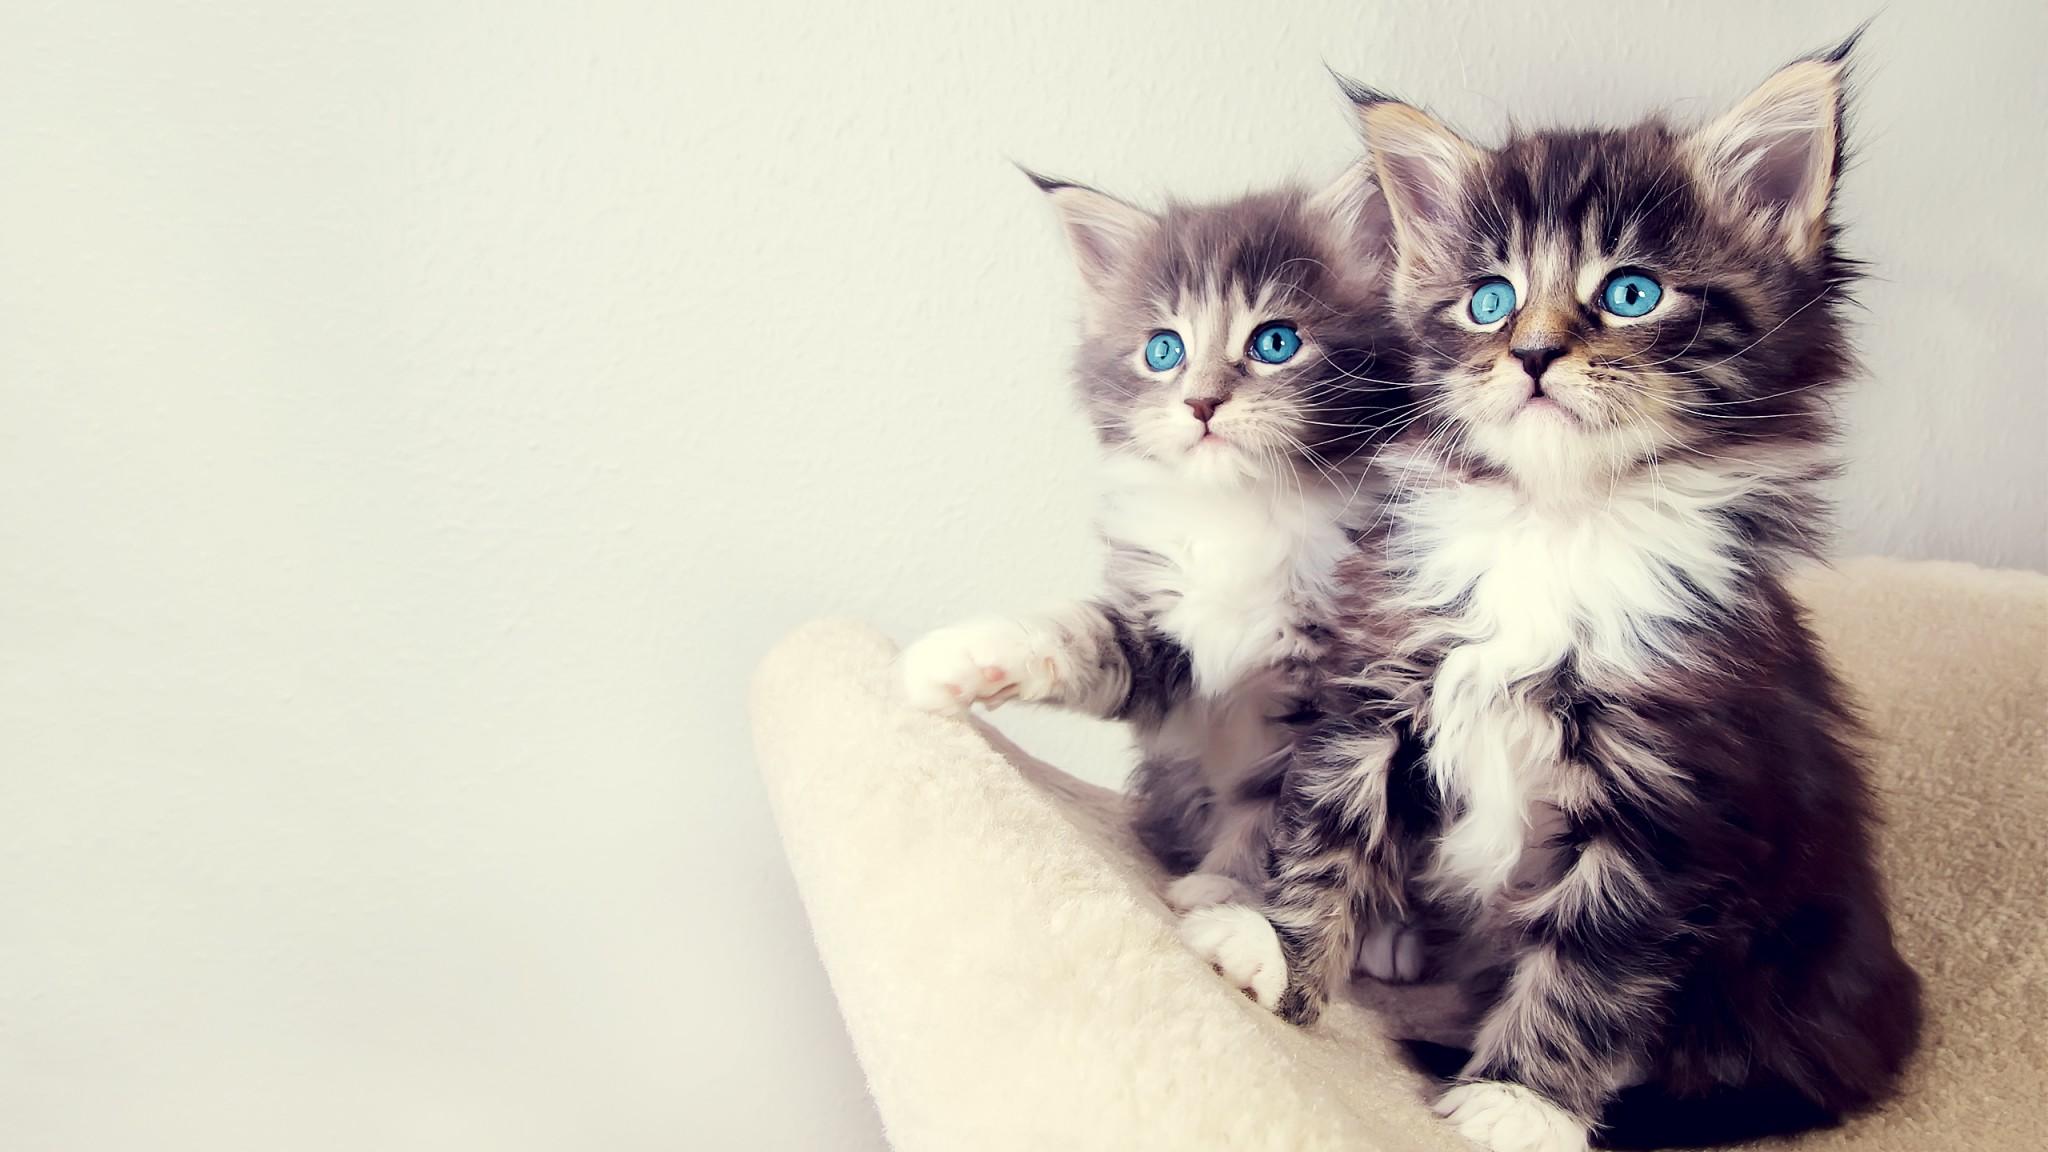 Hình nền hai chú mèo con đáng yêu